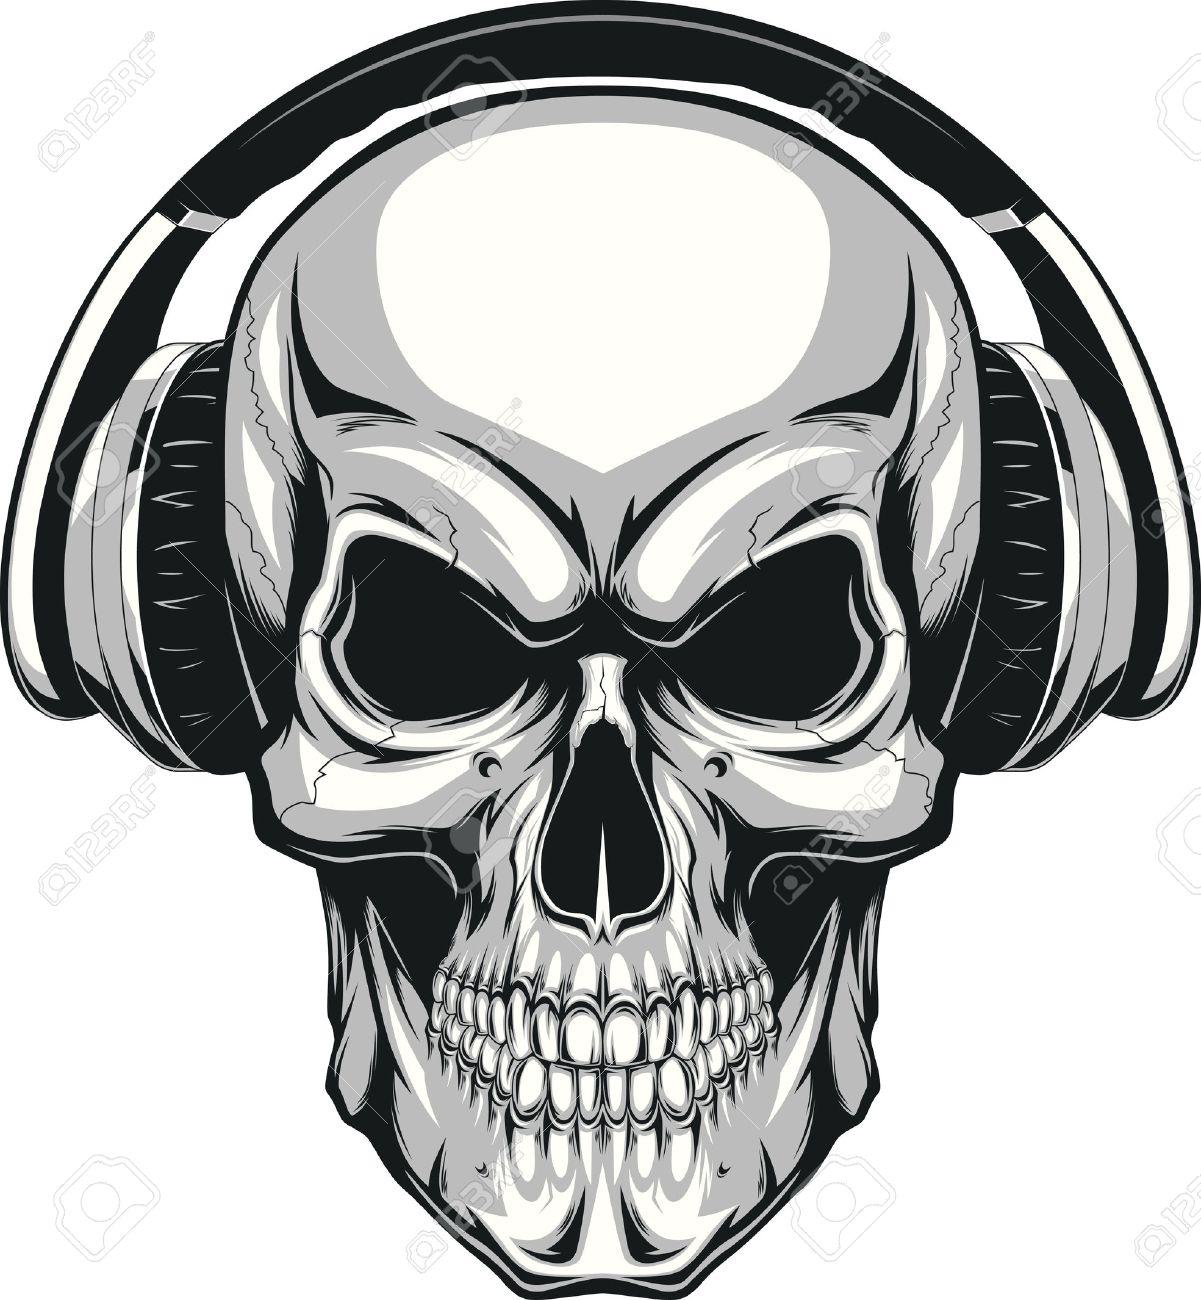 tete de mort vector illustration crne humain couter de la musique sur un casque